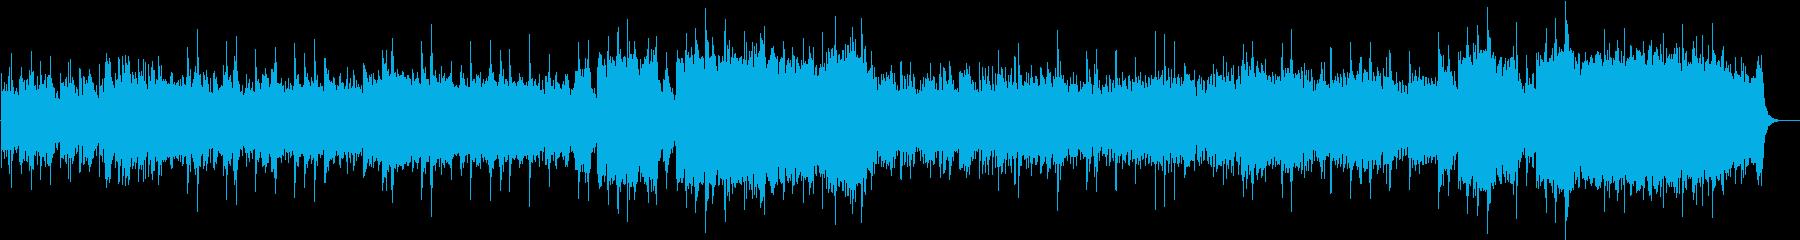 月光ソナタ オルゴールオーケストラverの再生済みの波形